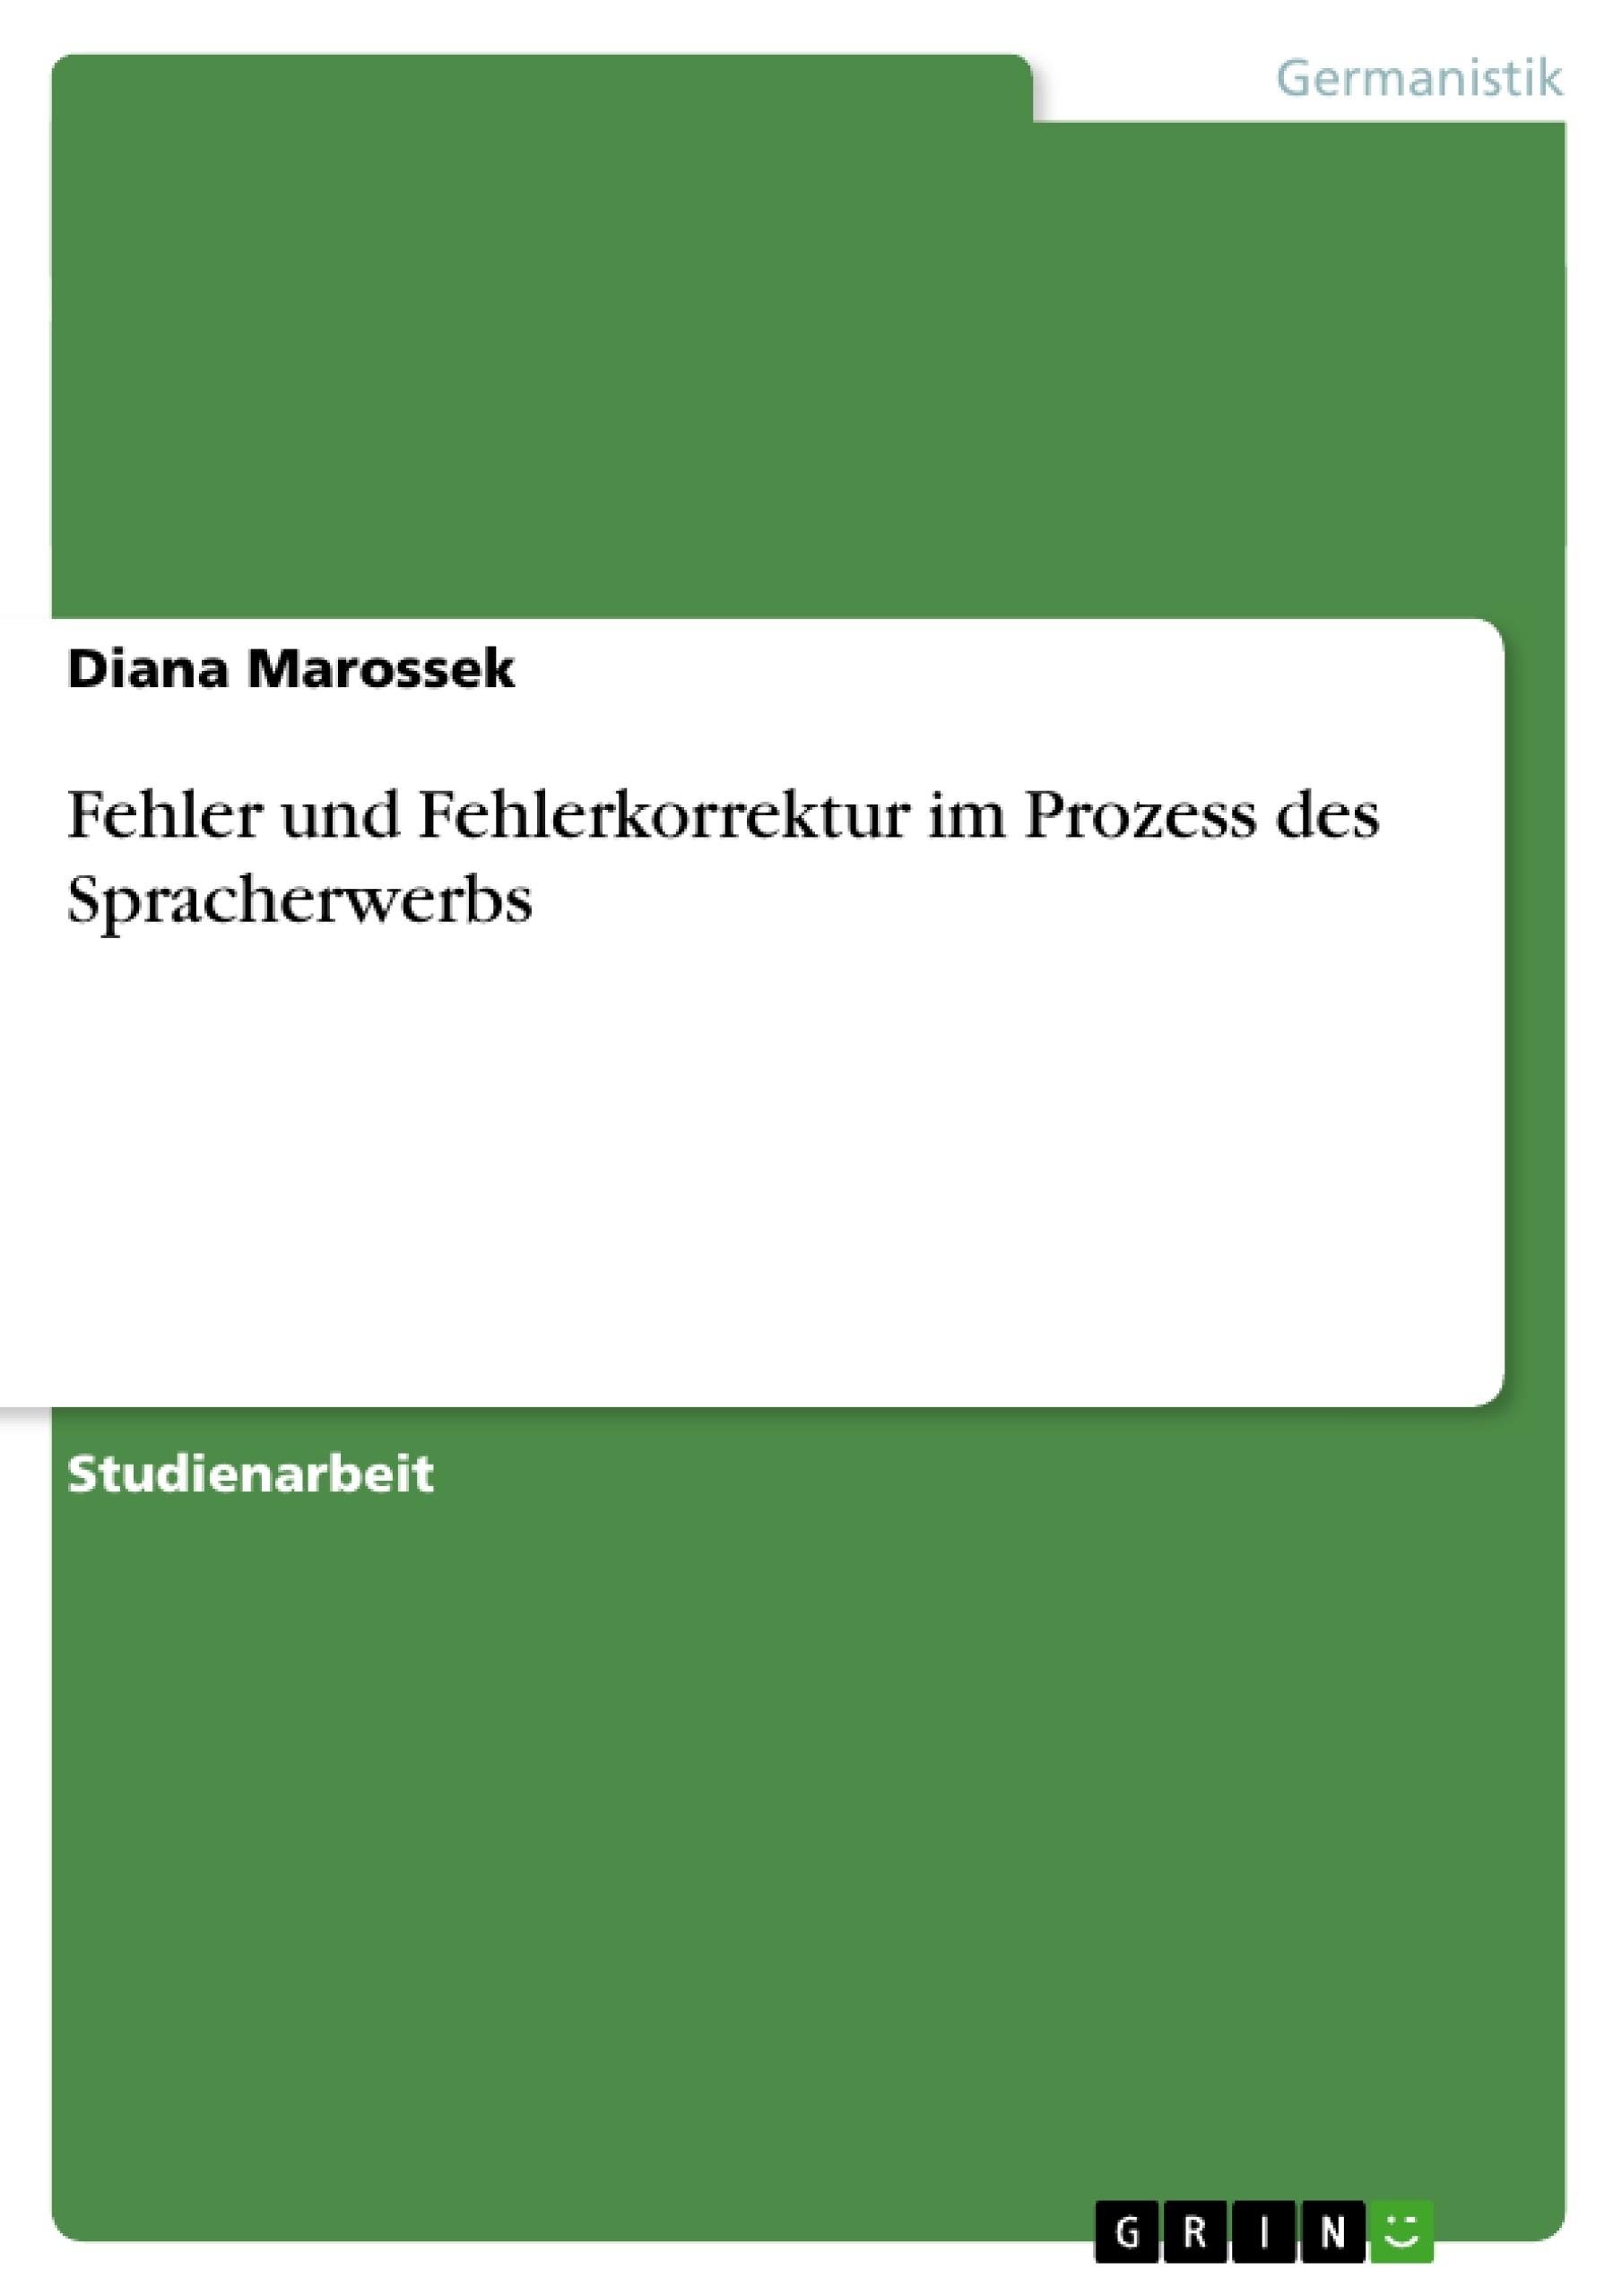 Titel: Fehler und Fehlerkorrektur im Prozess des Spracherwerbs